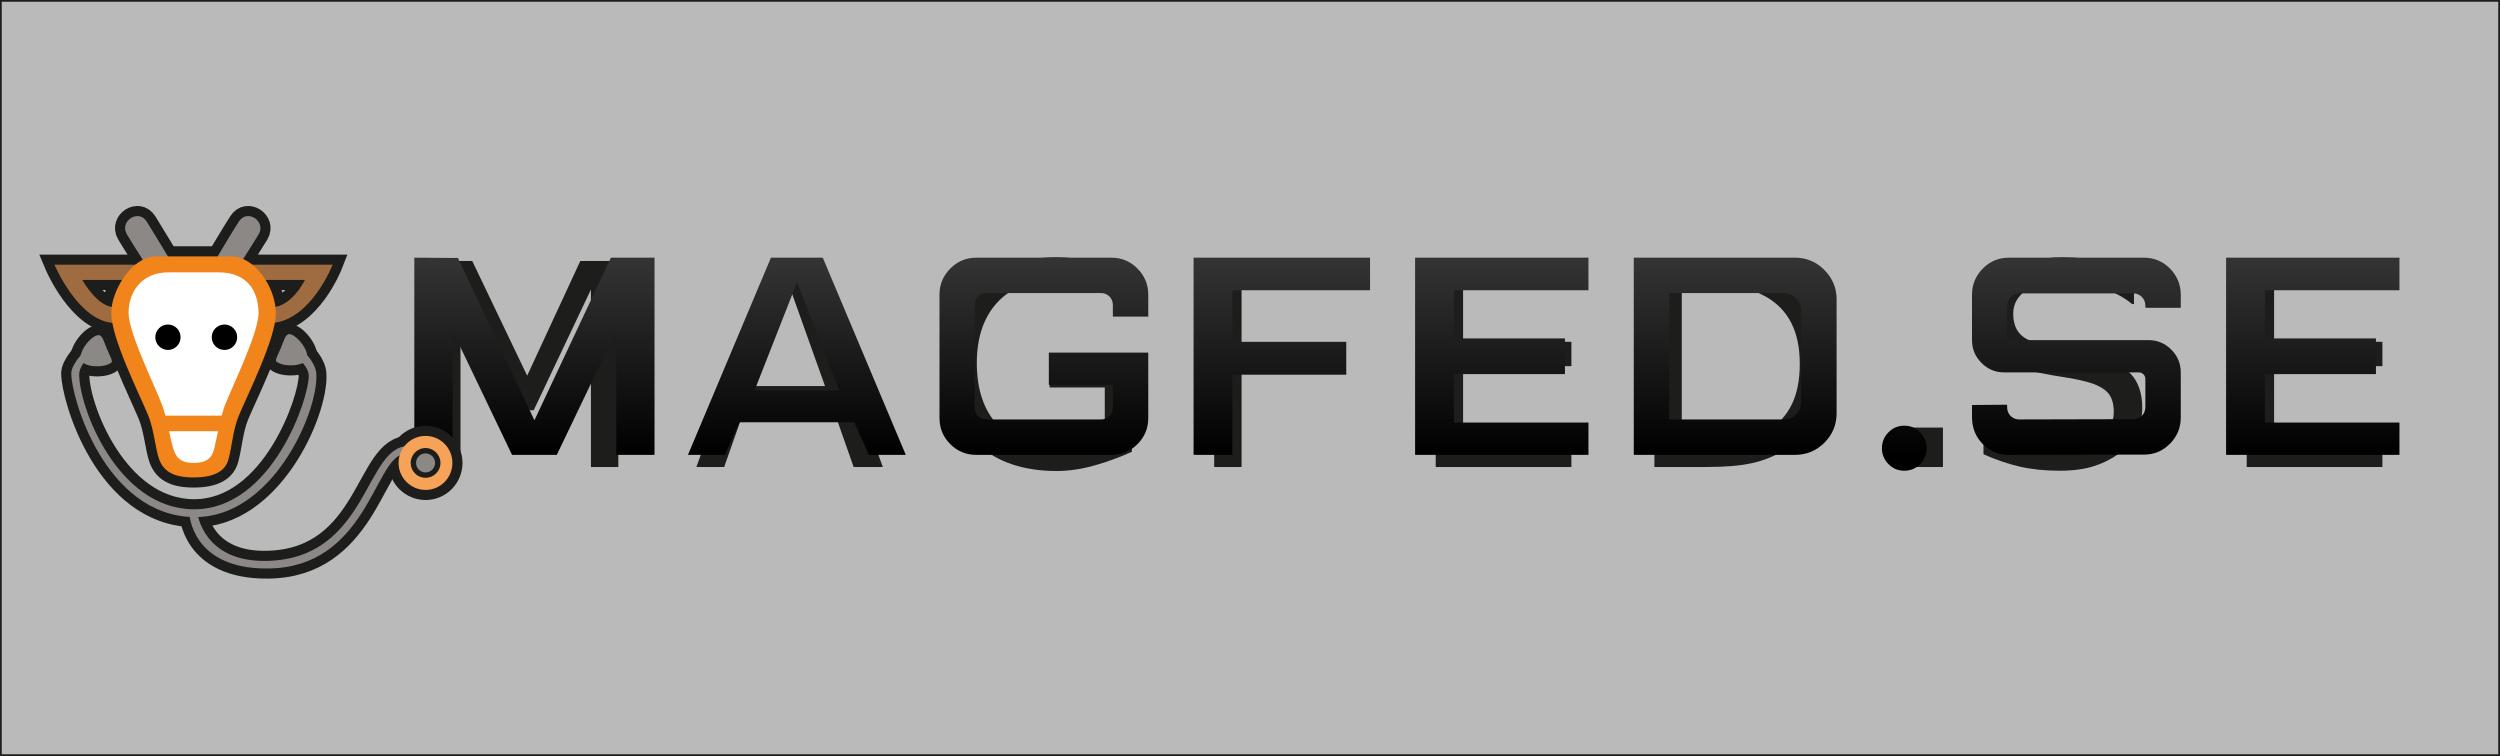 magfedse_logo_black_2500x756.png